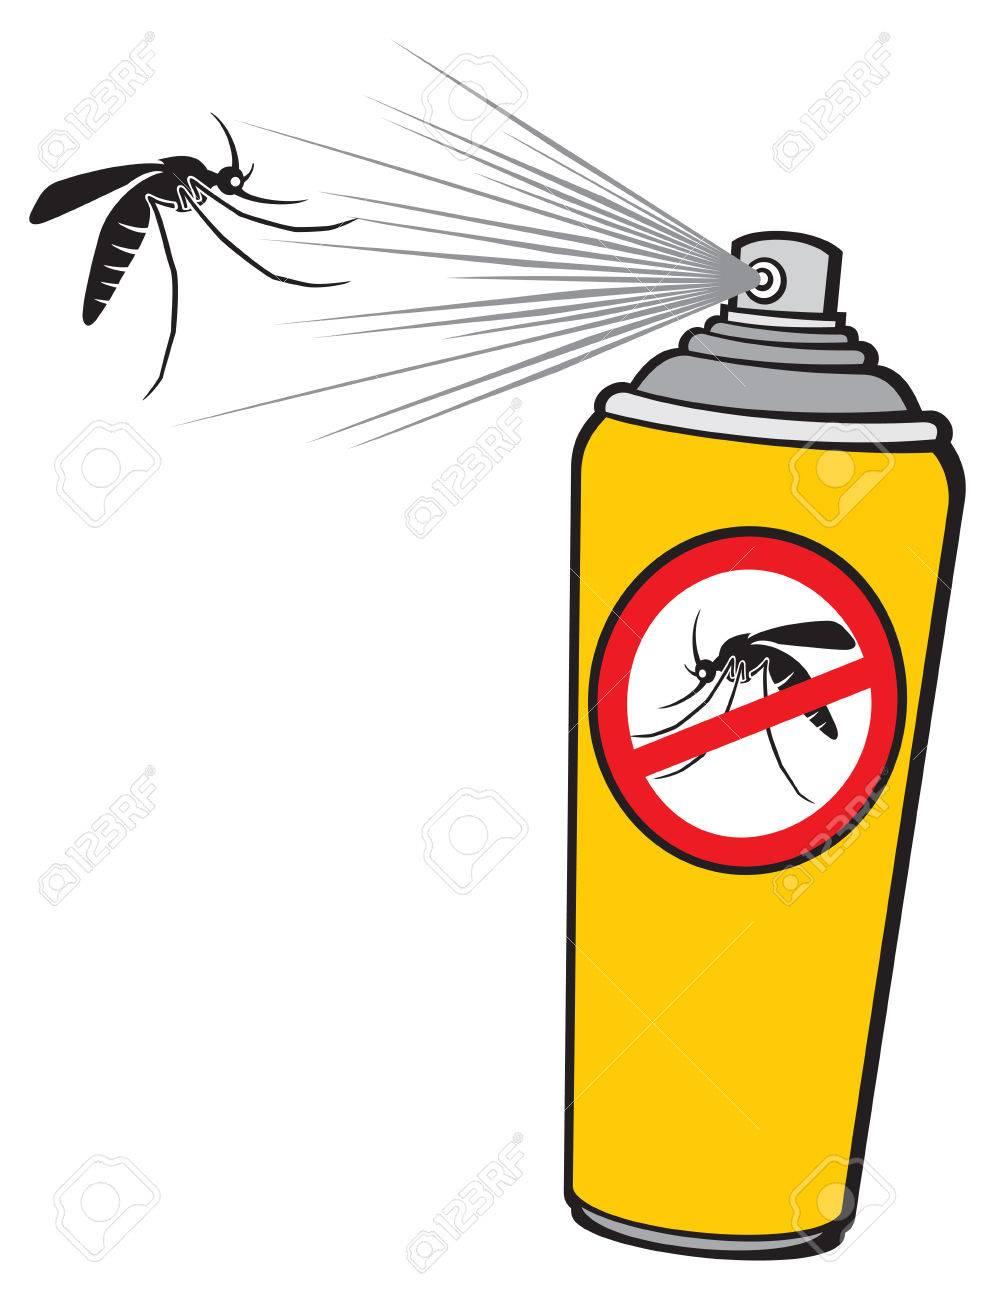 Bug spray clipart free clip art transparent download Spray clipart pesticide spray - 191 transparent clip arts, images ... clip art transparent download